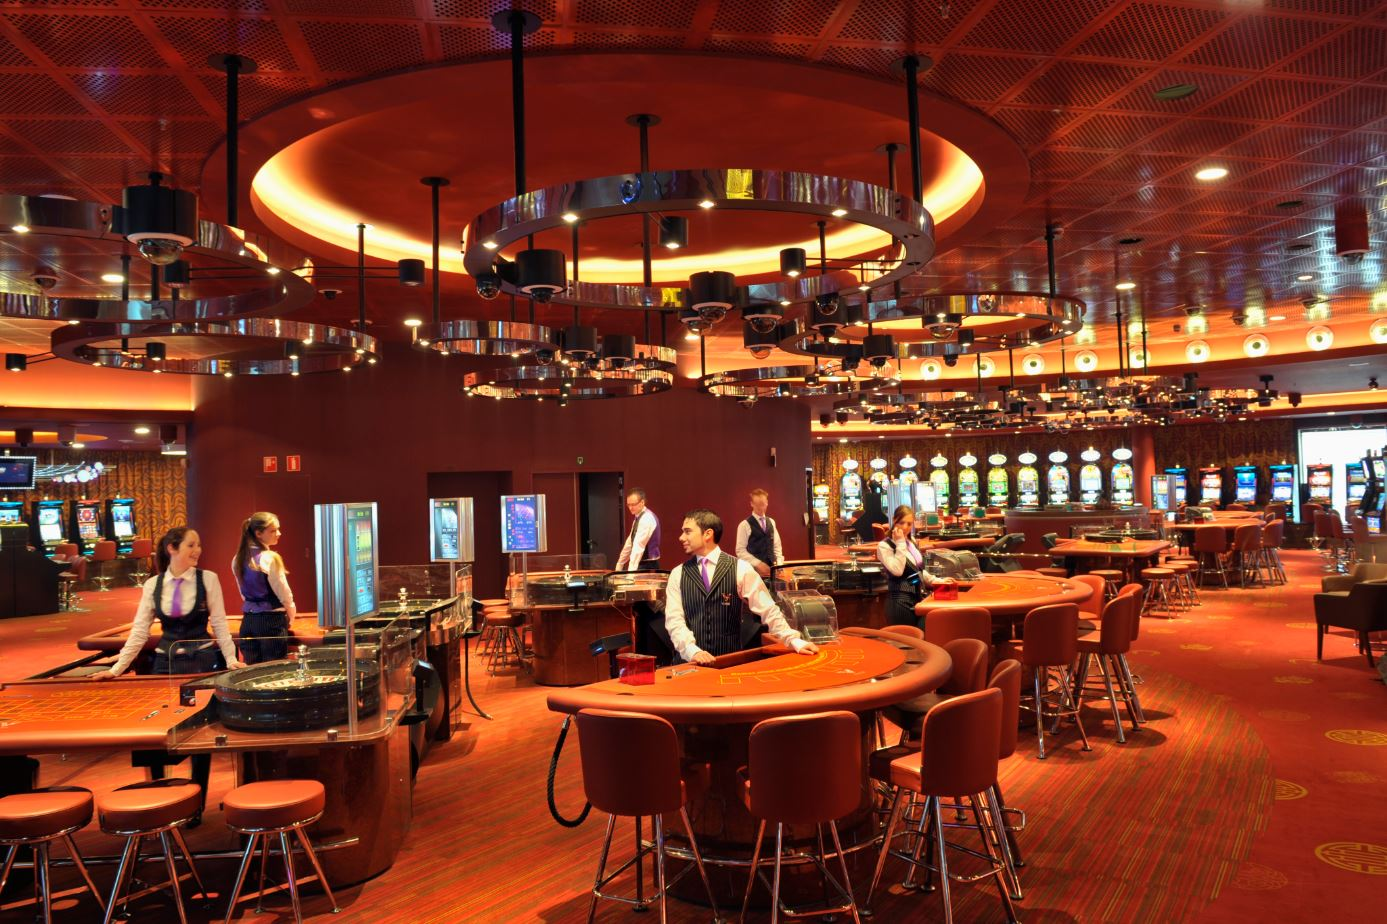 Jeux casino: des centaines jeux disponibles